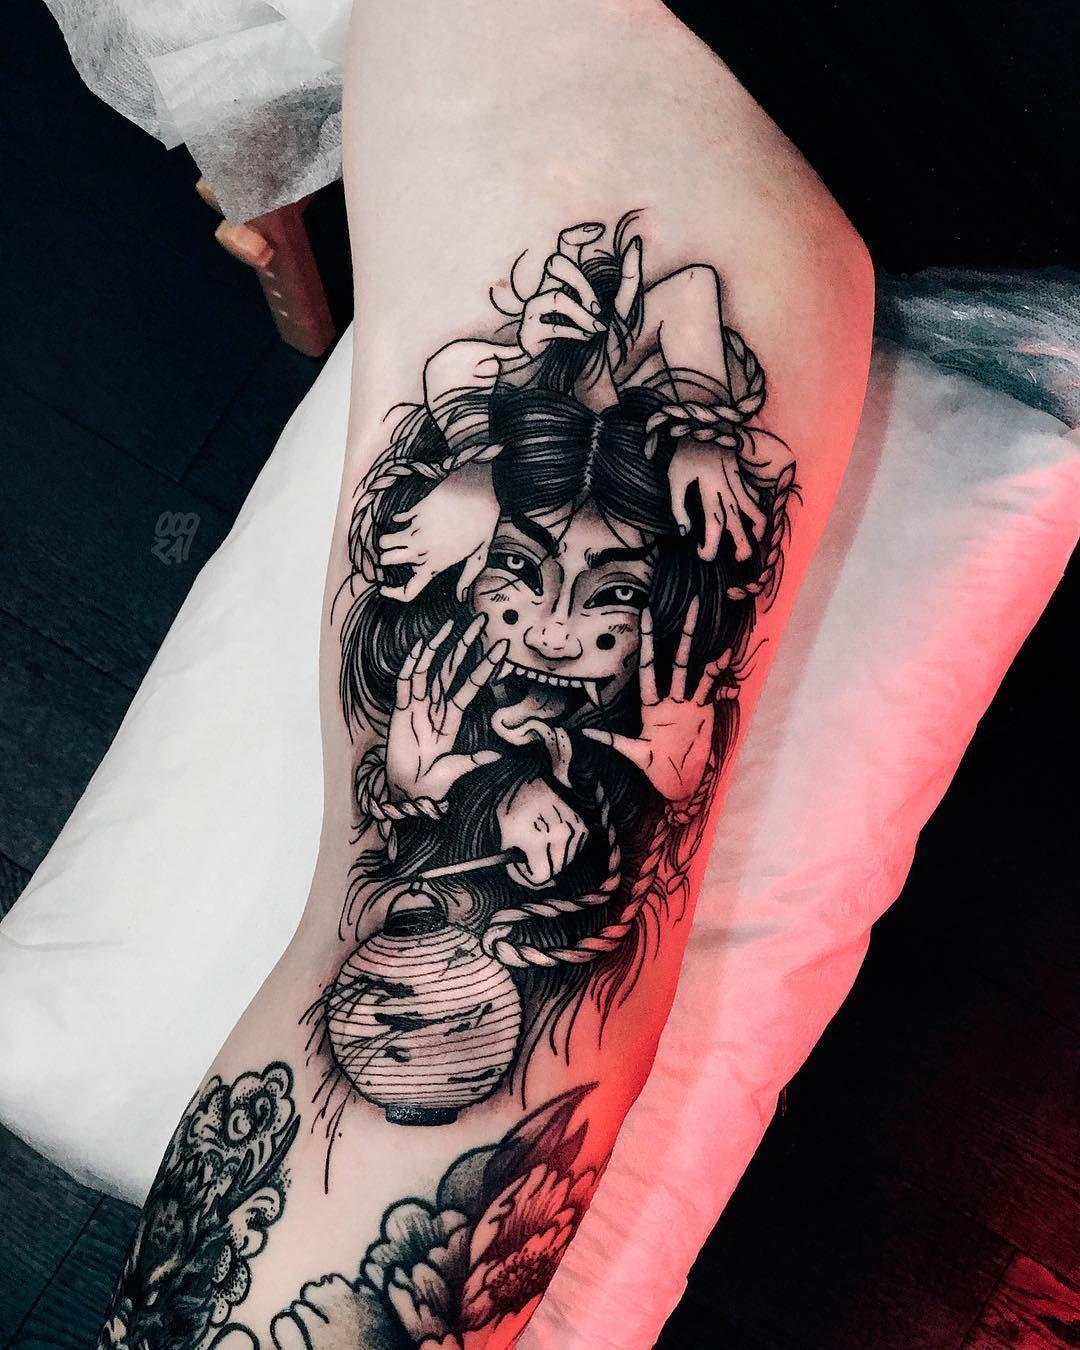 яαнєℓ яσтн они идеи для татуировок татуировки и эскиз тату